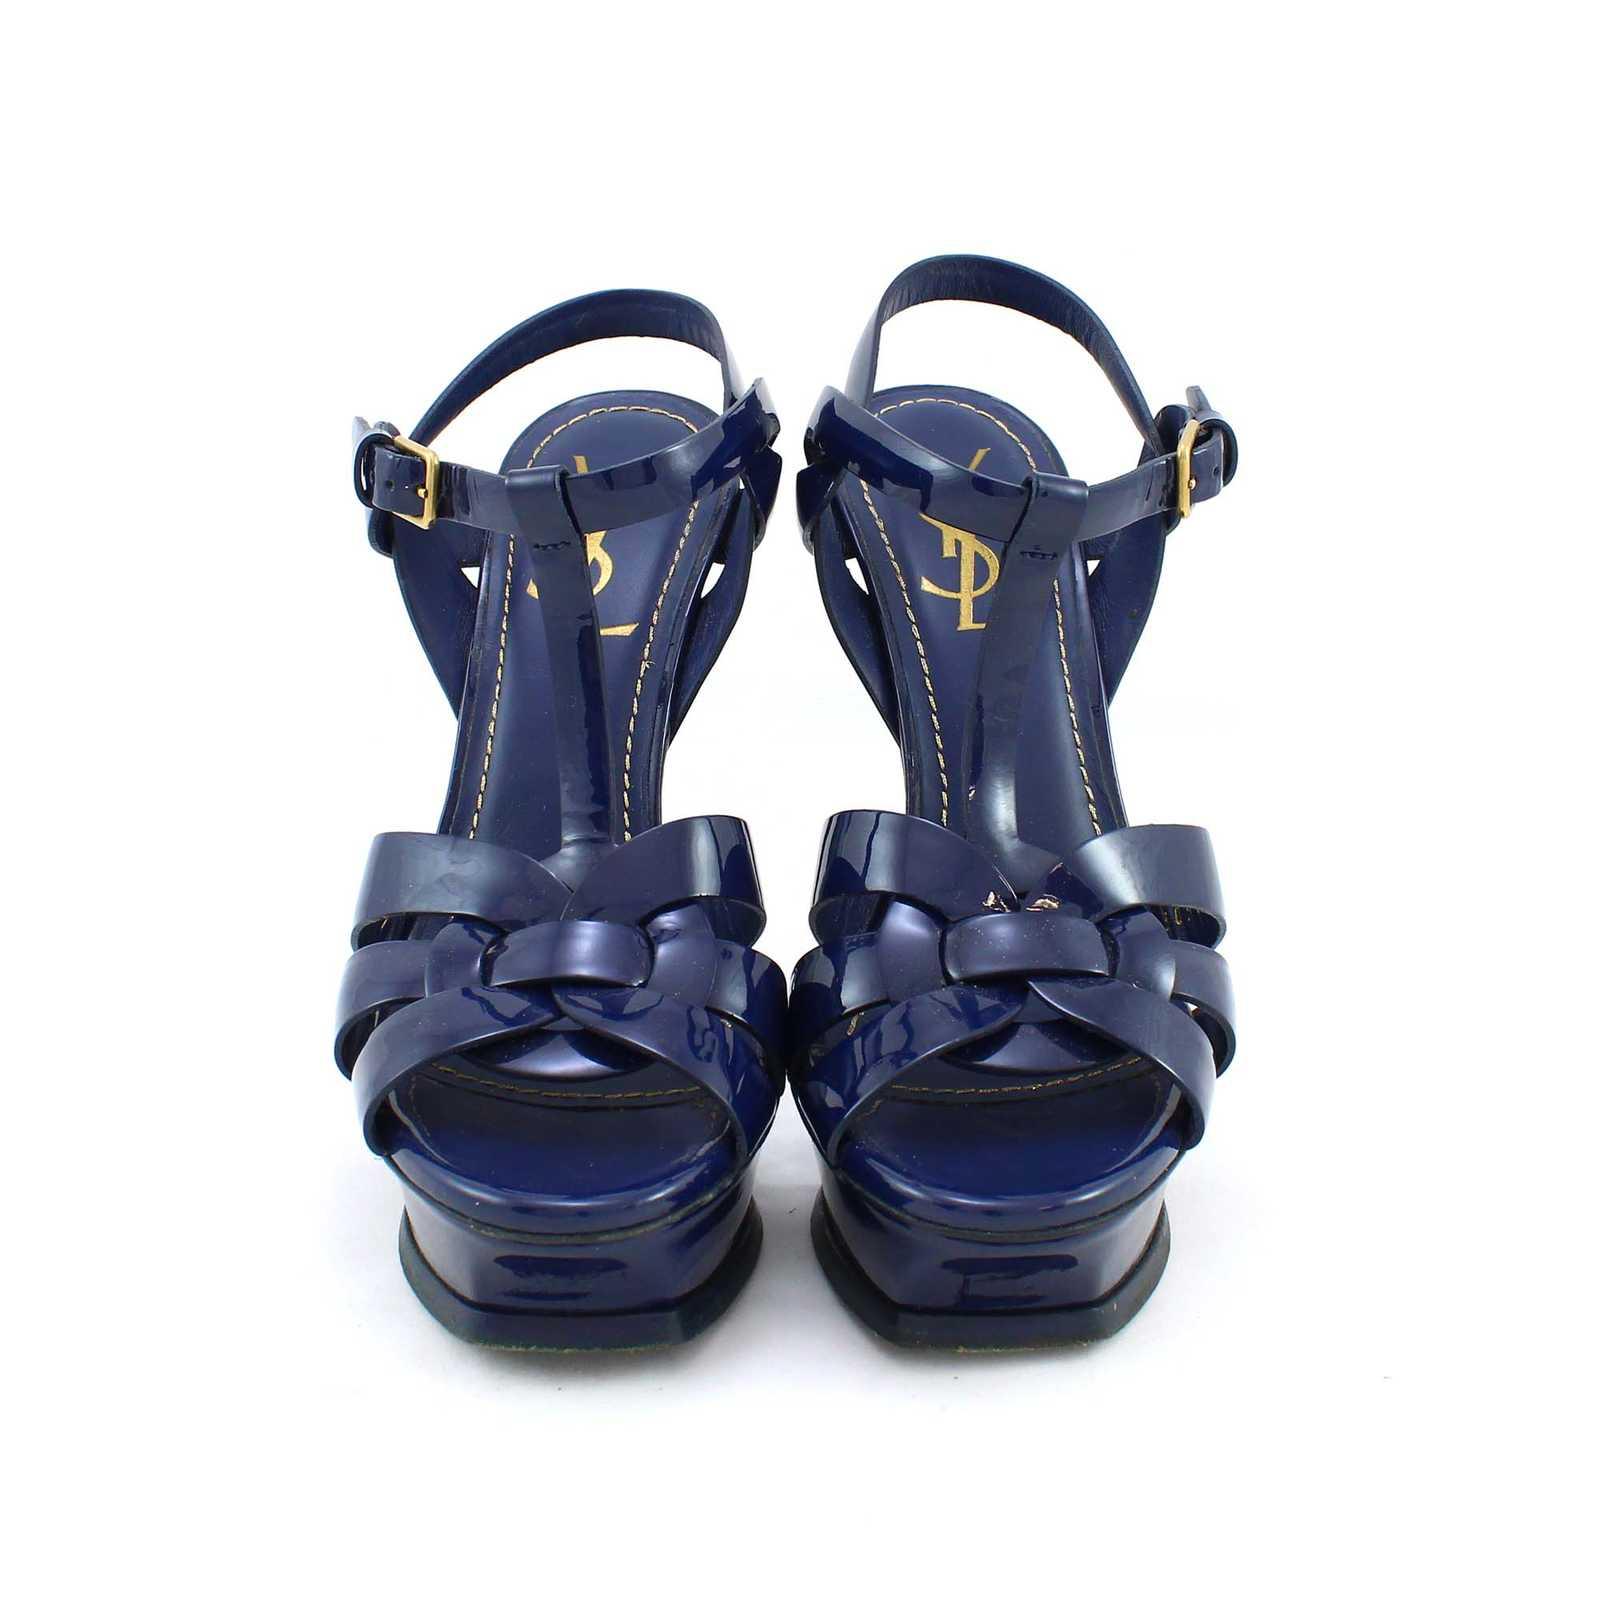 6d9cdb64da8 Authentic Second Hand Yves Saint Laurent Tribute Sandals (PSS-003 ...